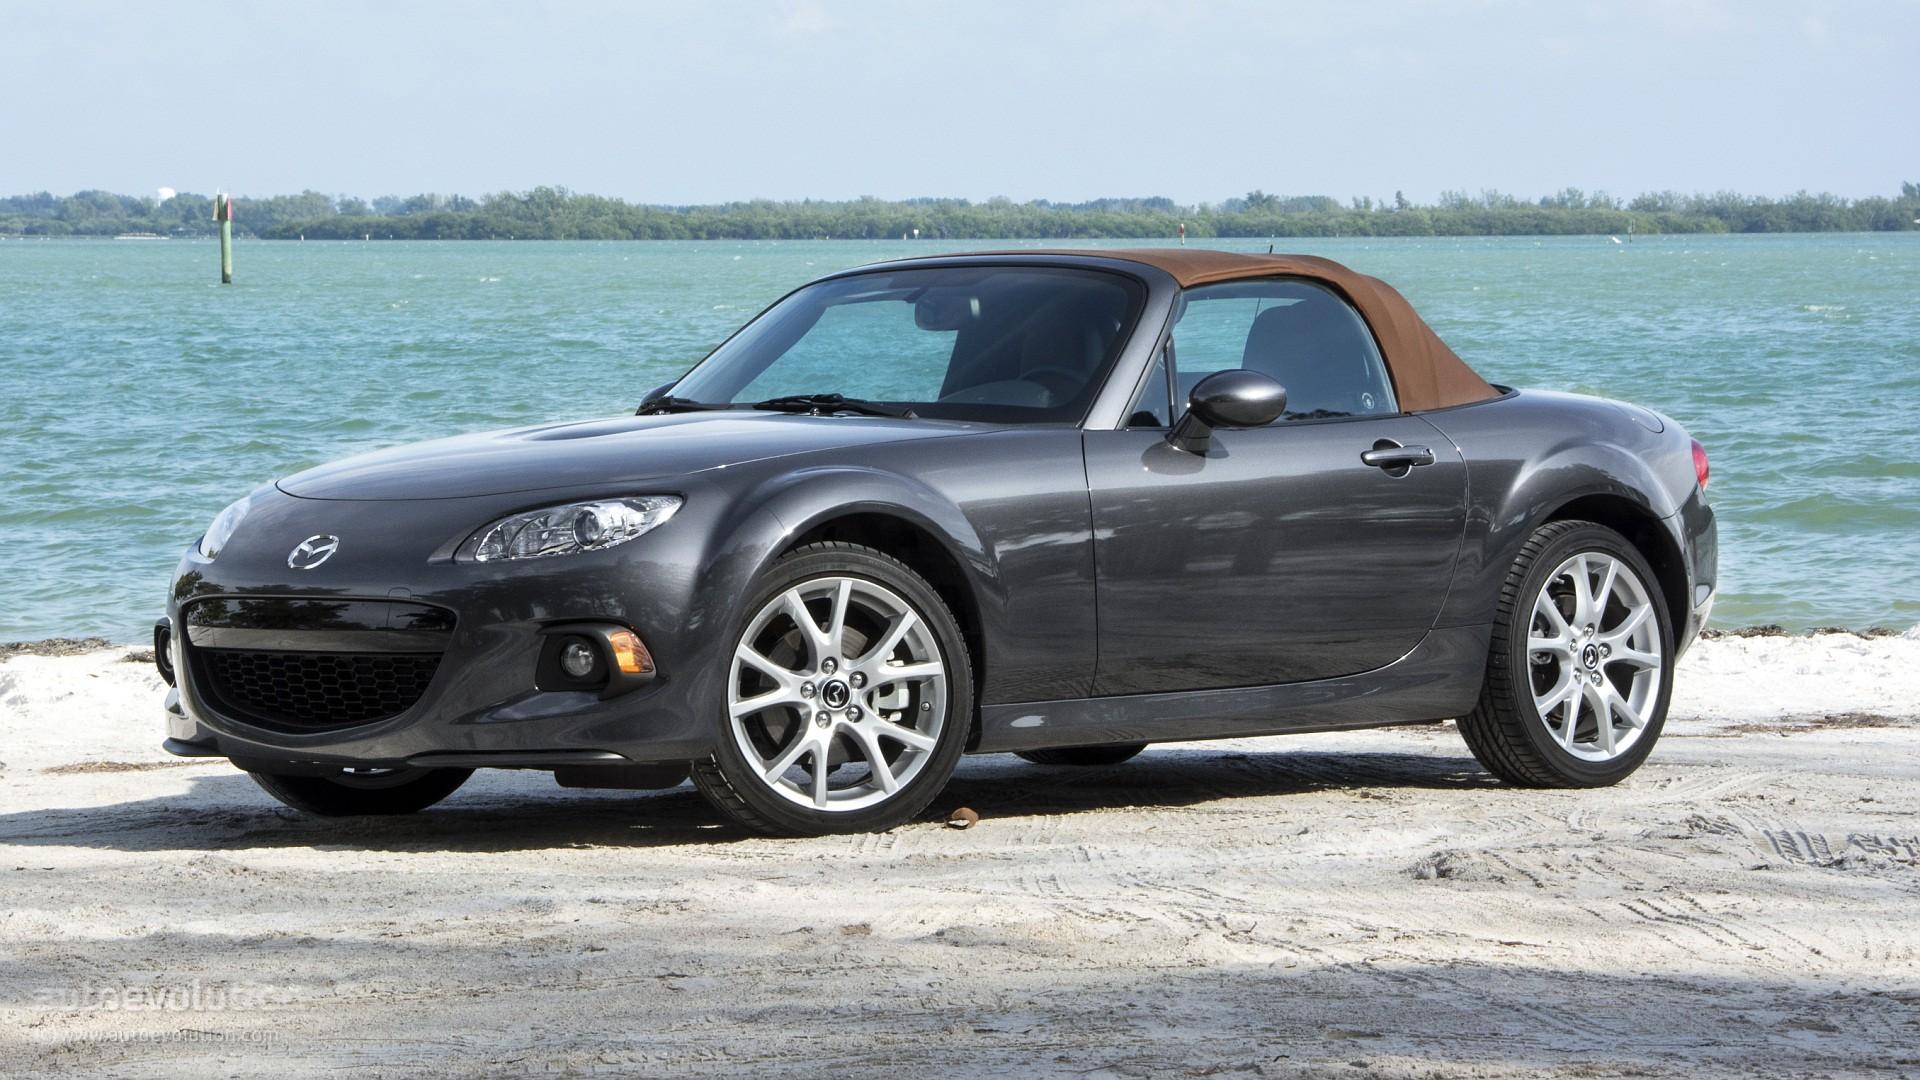 2015 Mazda MX-5 Miata photo gallery (35 pictures)